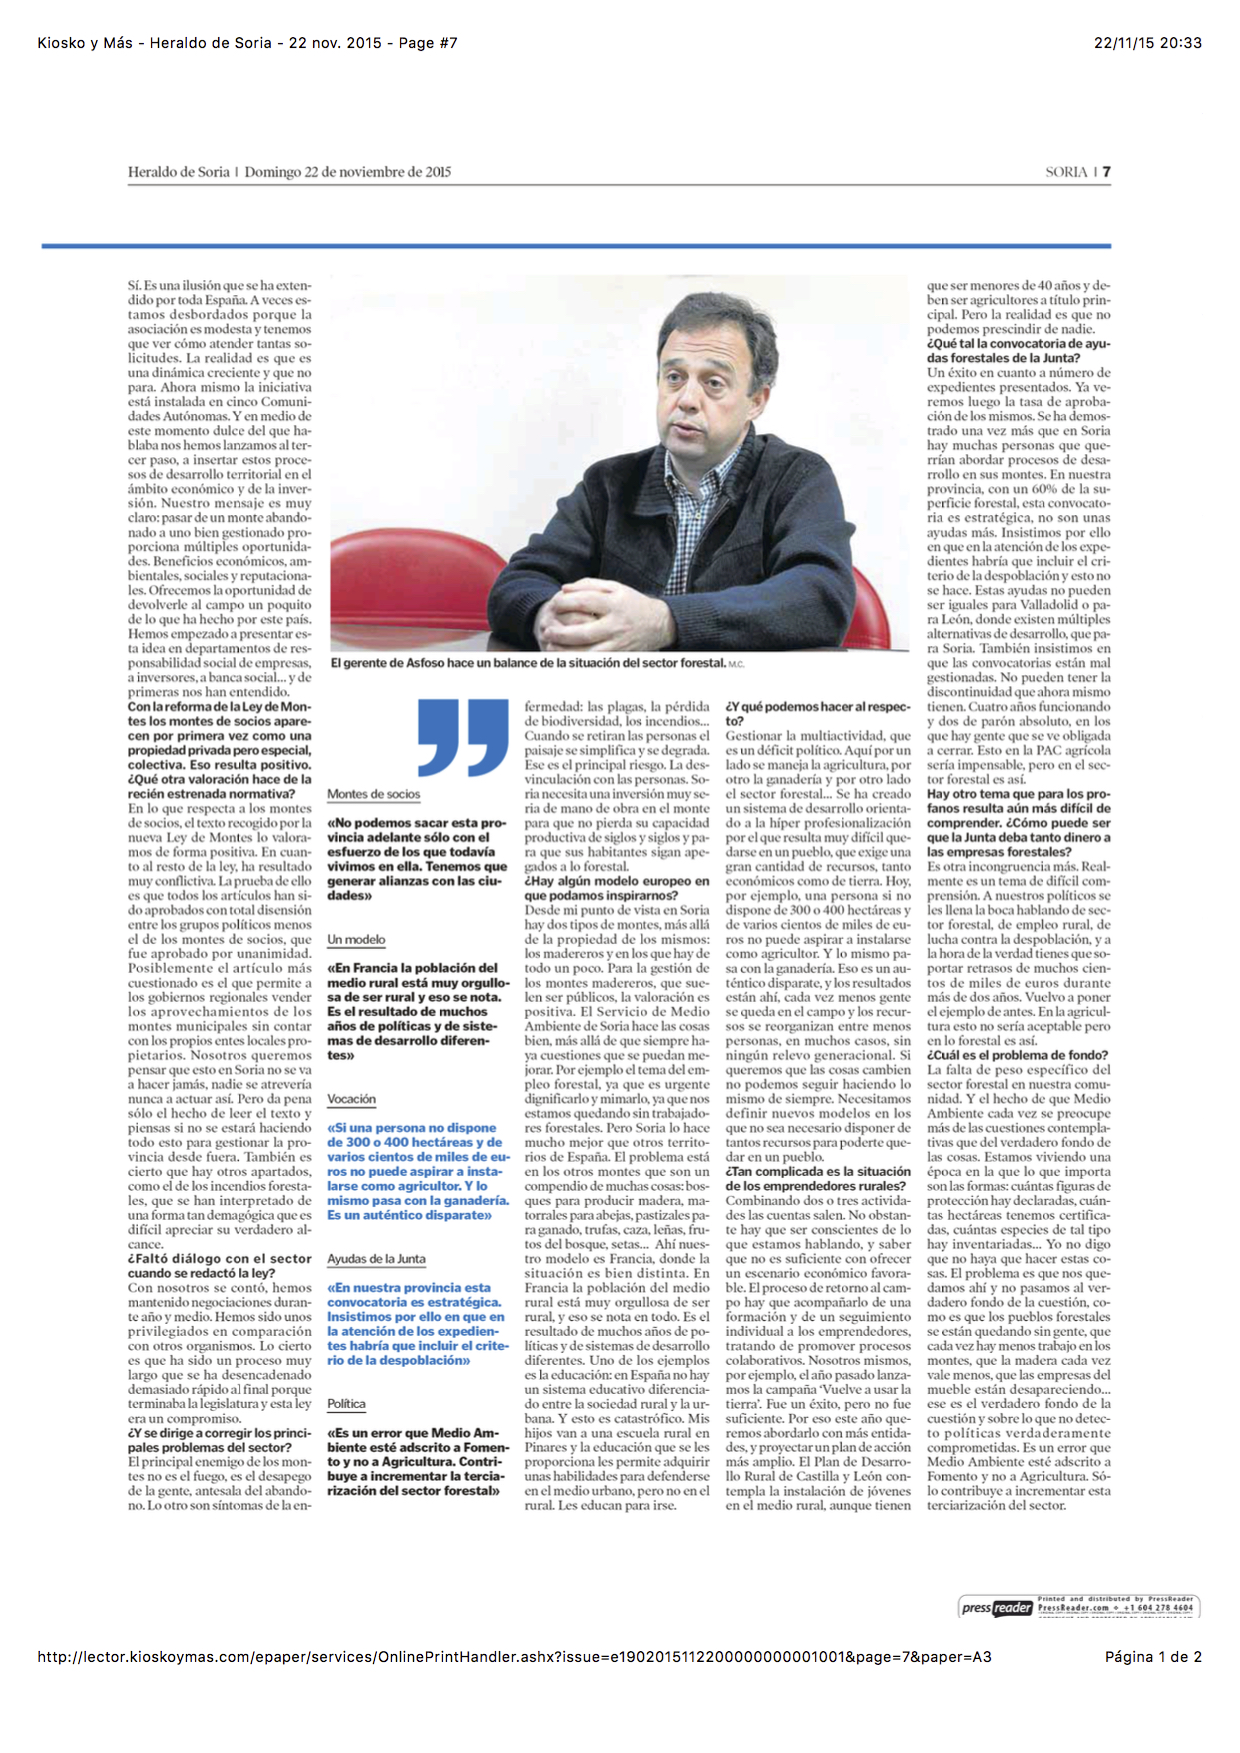 Entrevista 22 nov 2015 pag2